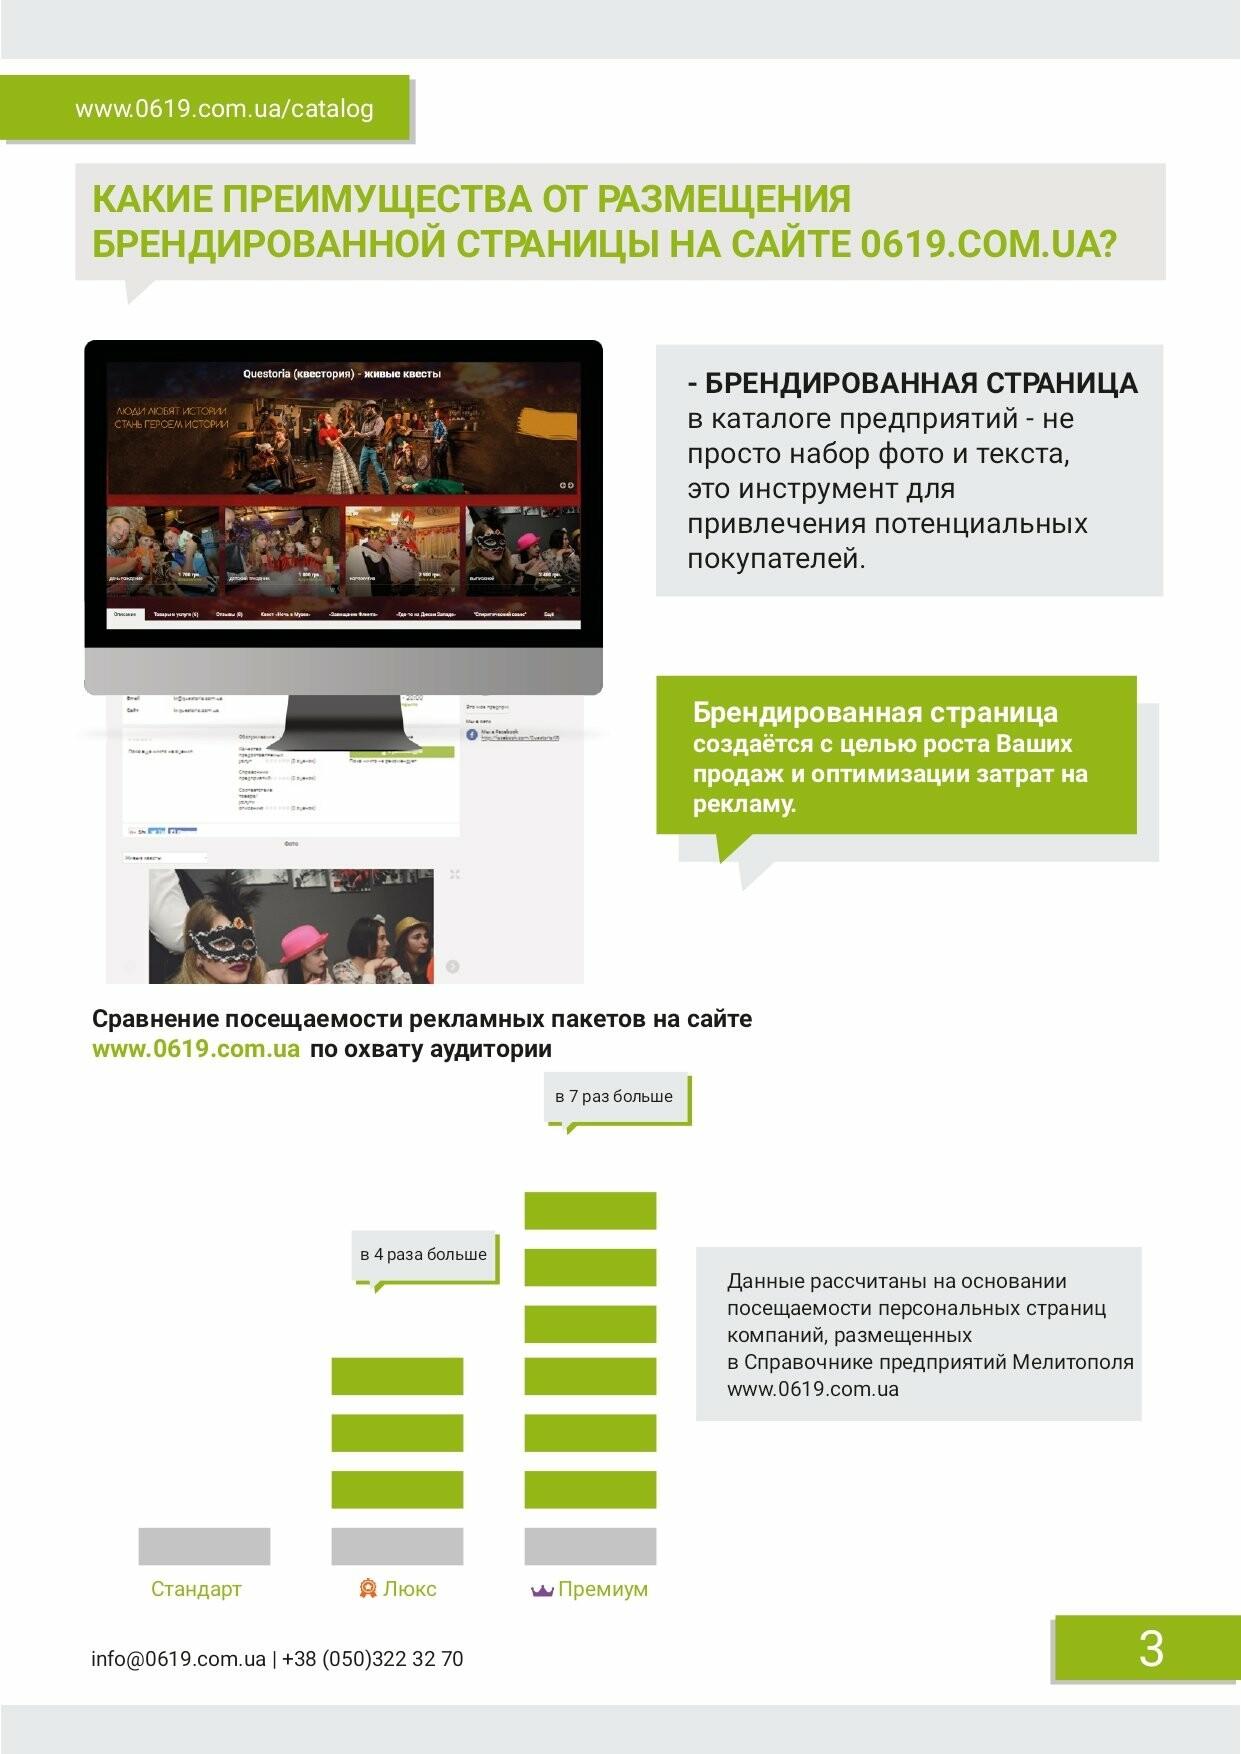 Выгодно и результативно: преимущества размещения товаров и услуг на сайте сети Сity Sites, фото-3